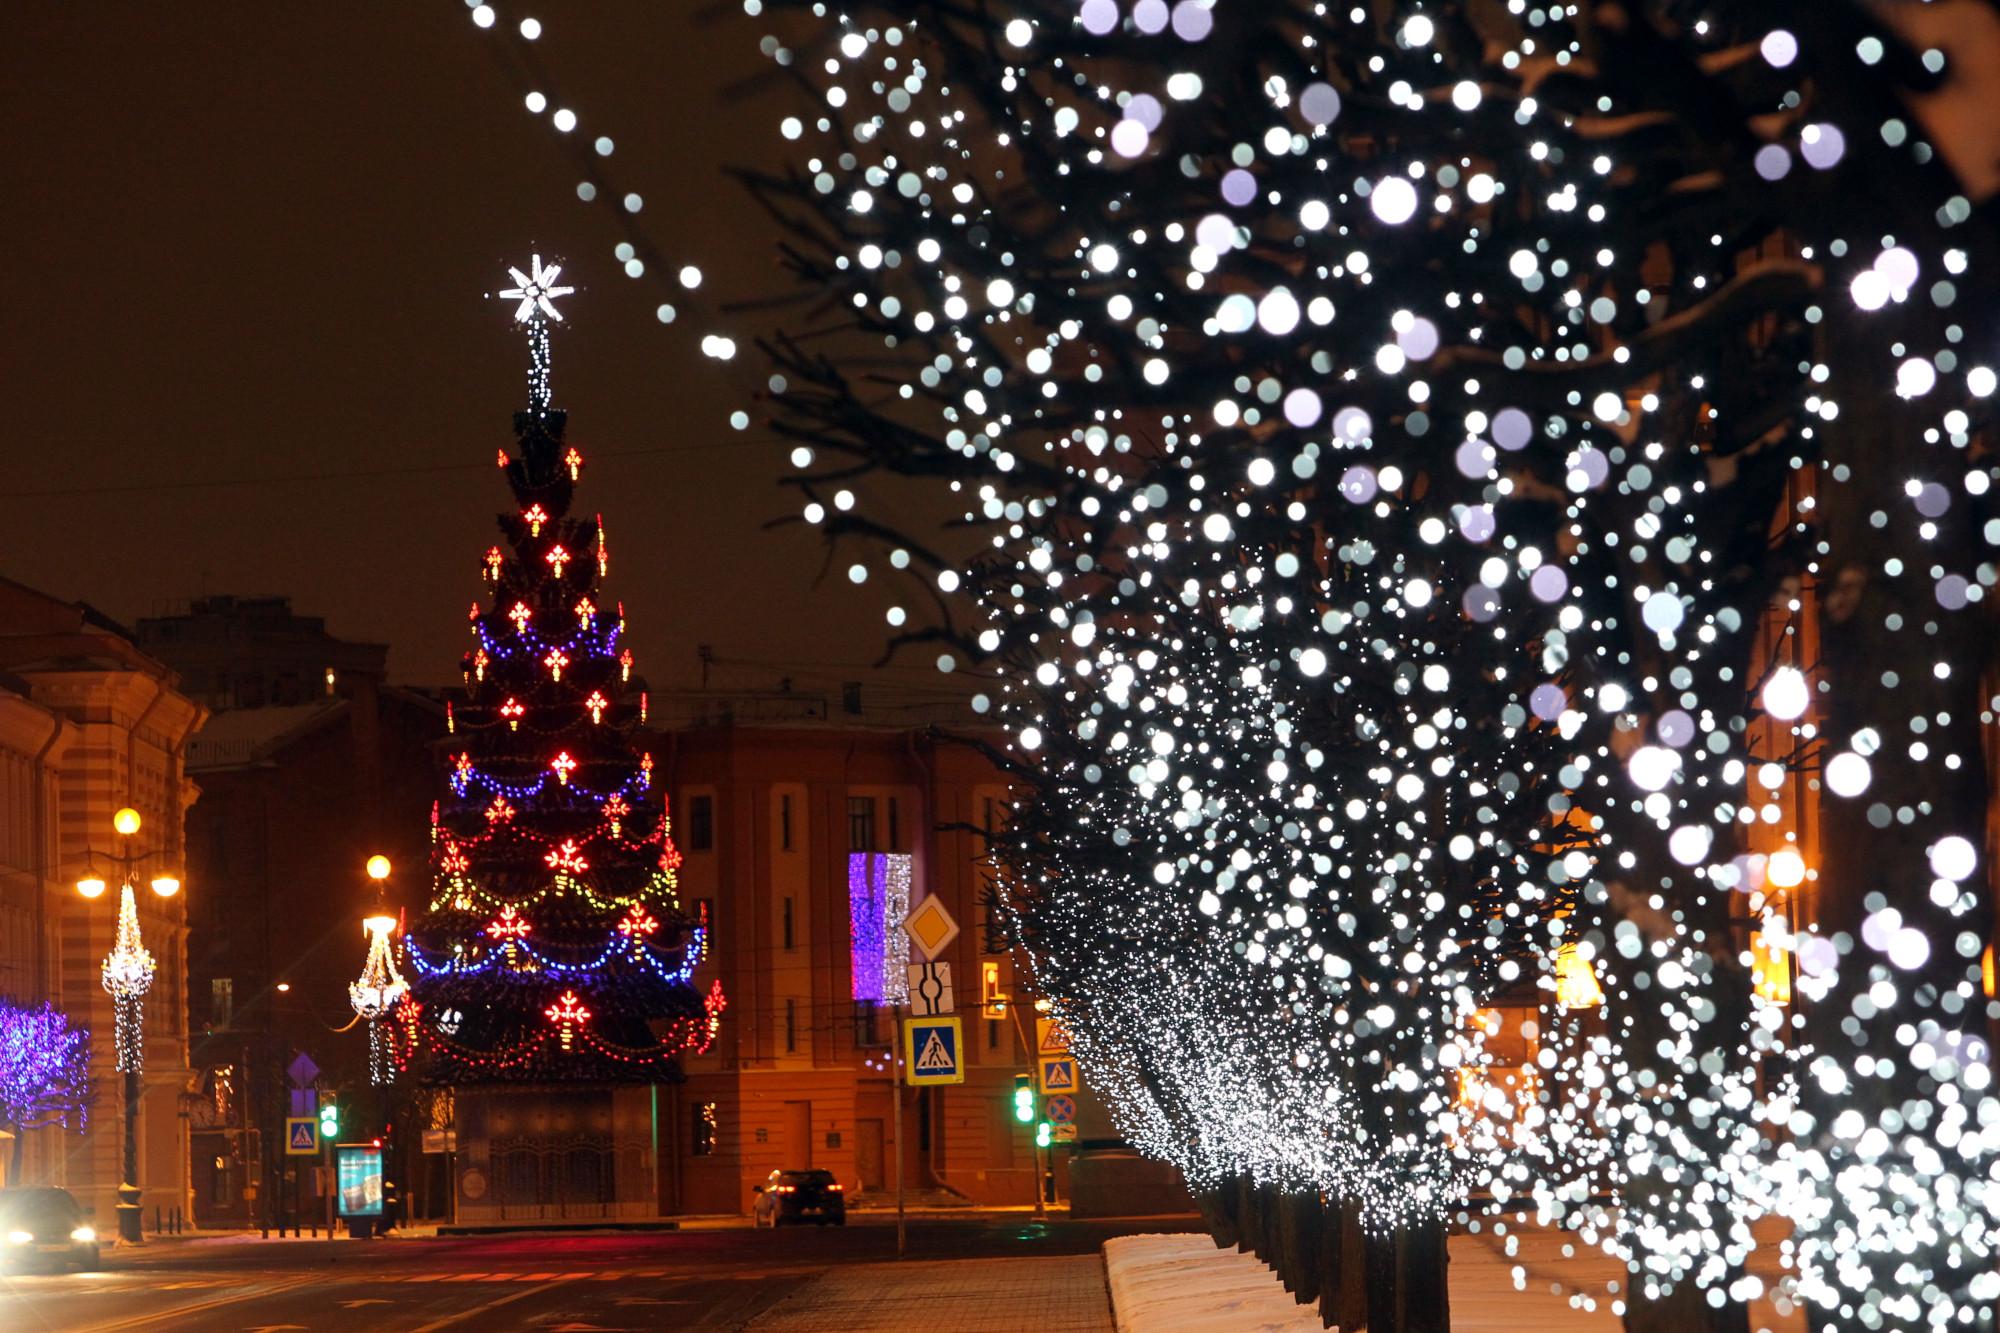 новый год, новогодняя ёлка, ель, площадь Пролетарской диктатуры